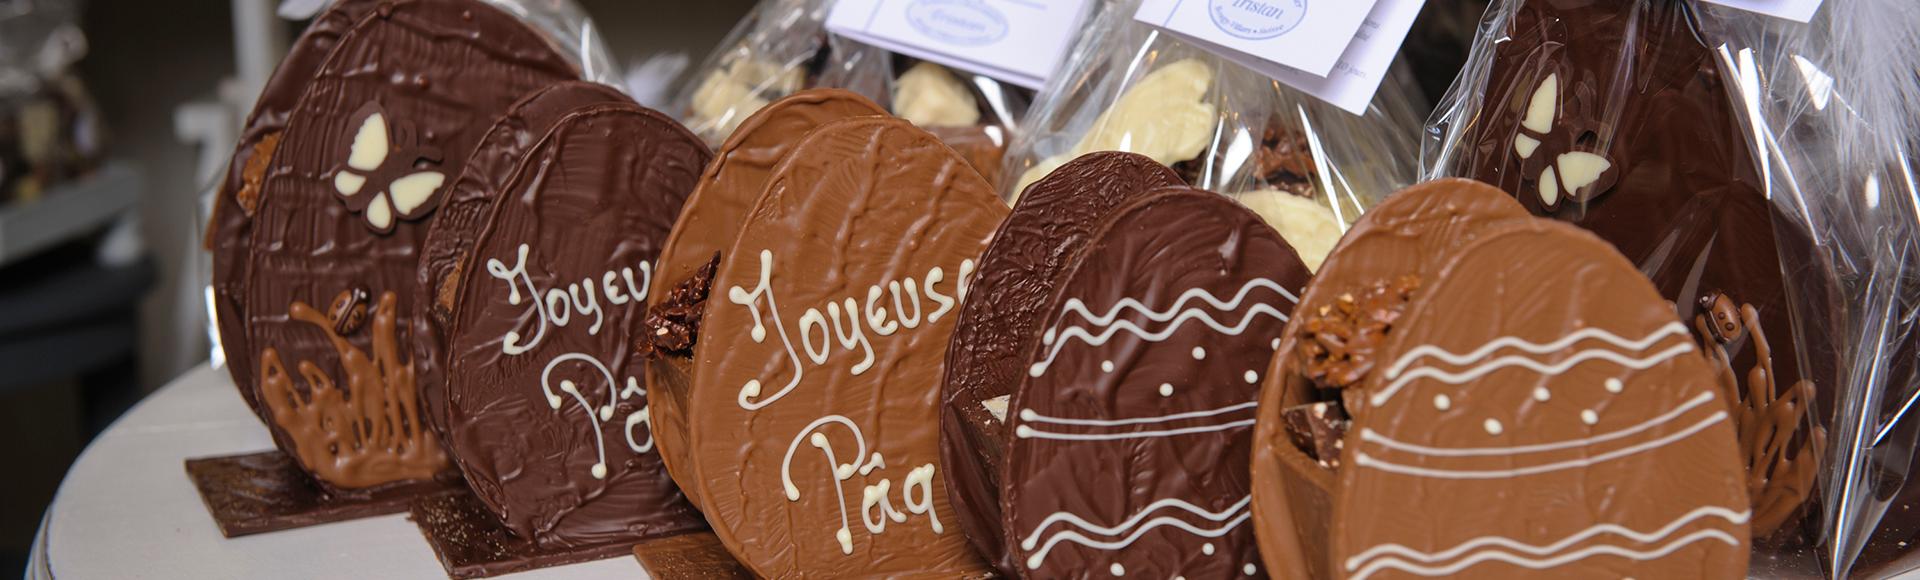 Pâques Chocolat Tristan Suisse